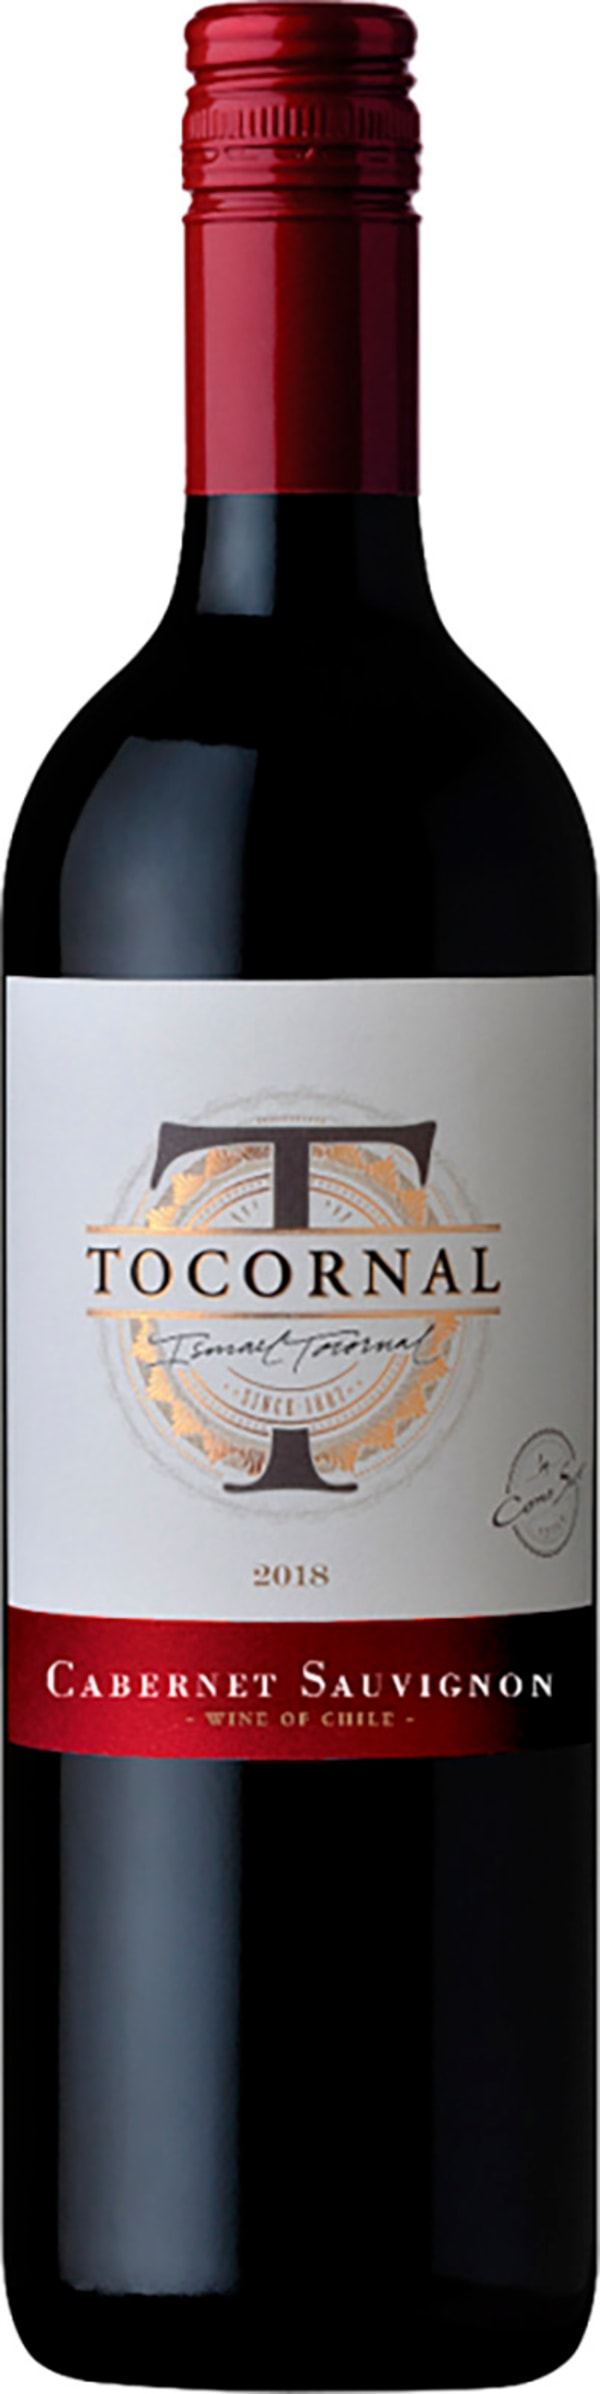 Cono Sur Tocornal Cabernet Sauvignon 2018